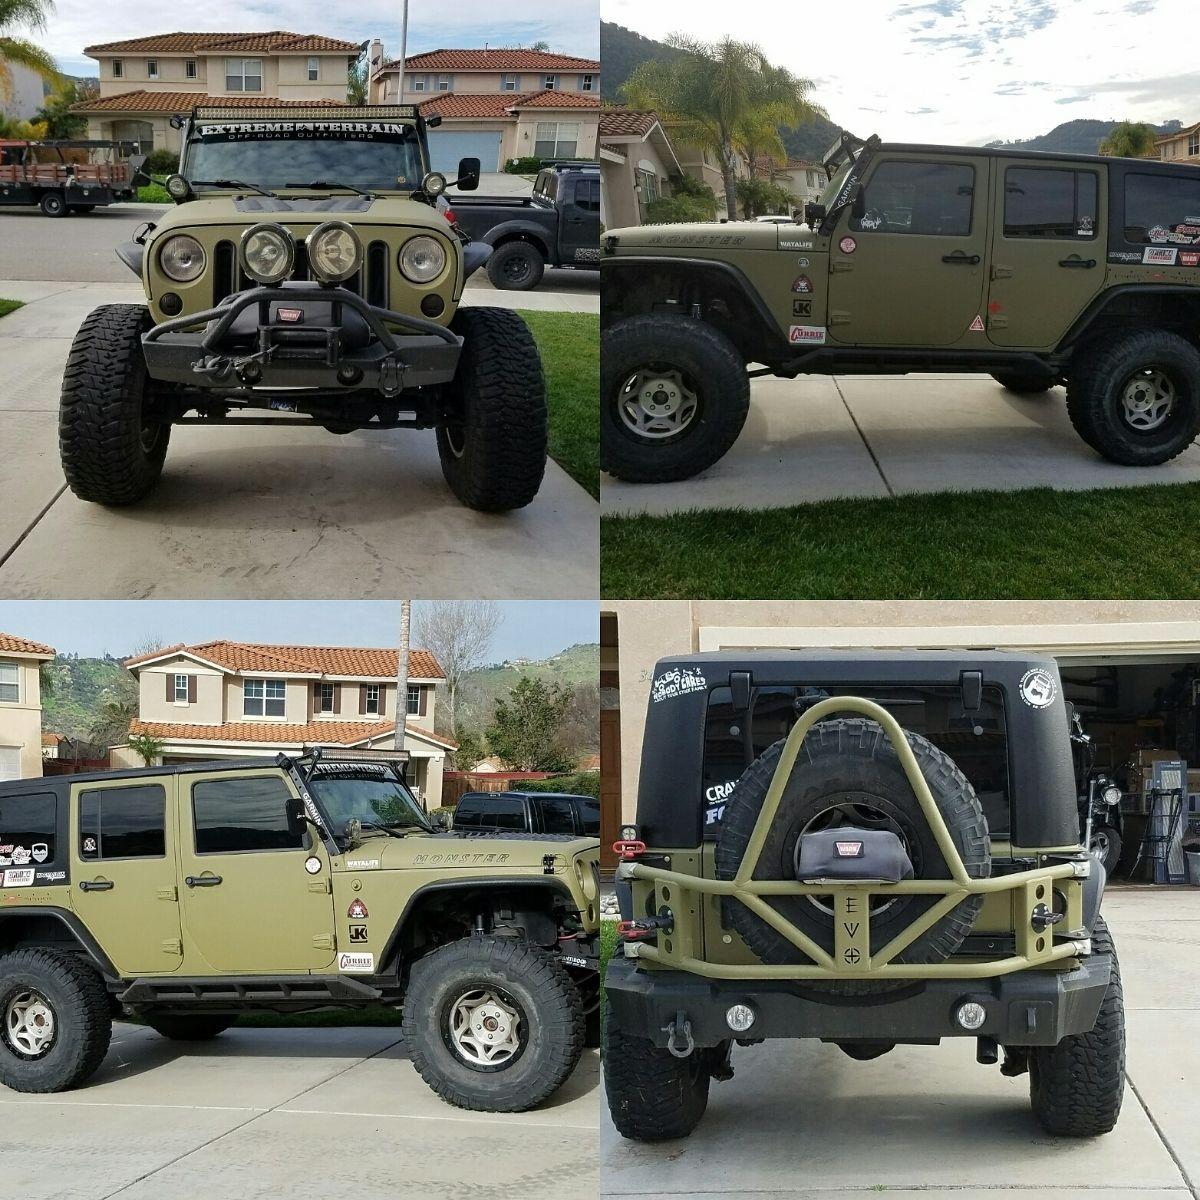 2009 Jeep Wrangler 4 Door 2009 Jeep Wrangler 4 Door Jeep Wrangler Jeep Wrangler